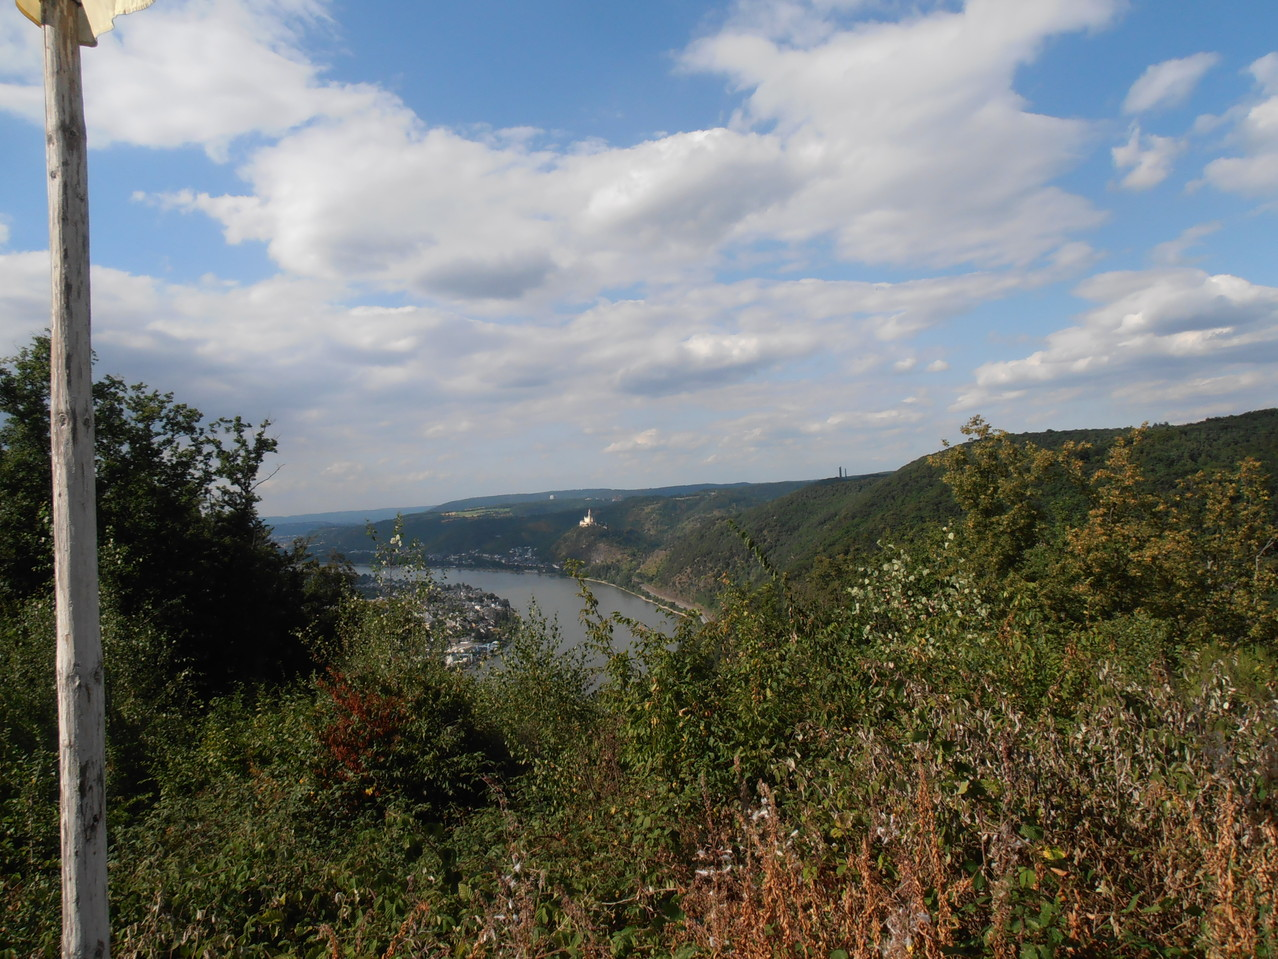 Marksburg im Hintergrund - Aufnahme von einer der vielen Aussichtspunkte